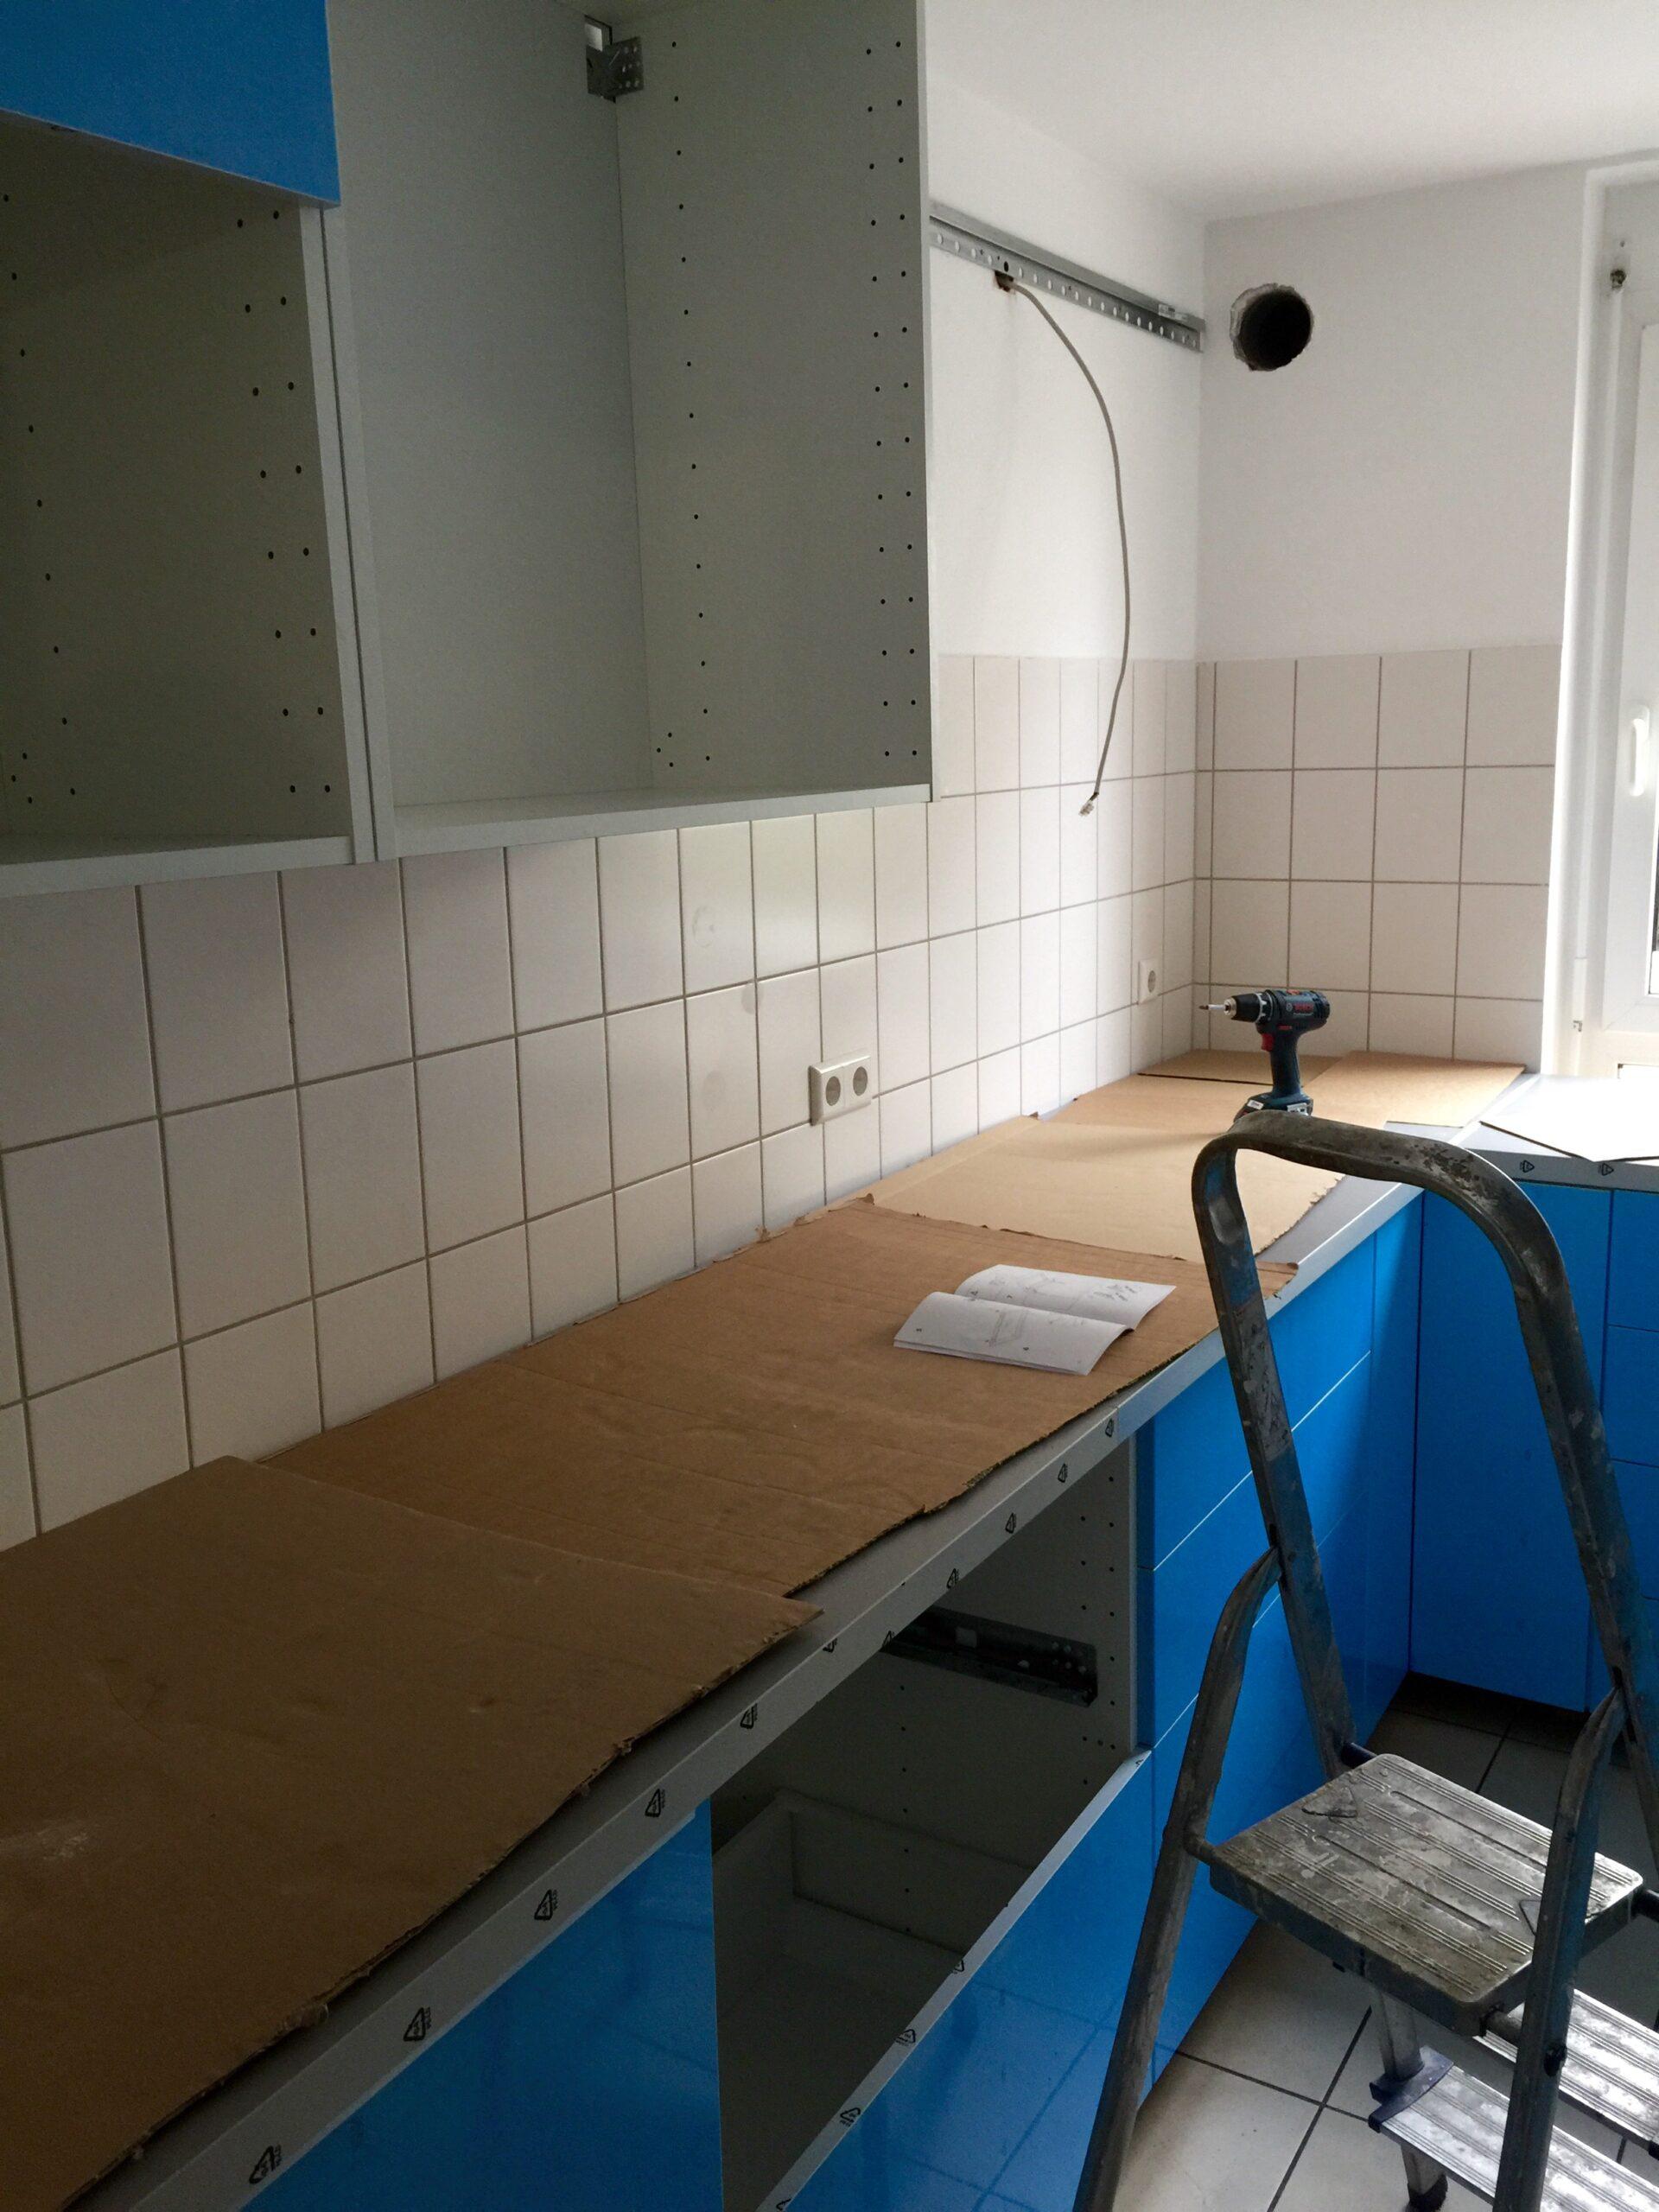 Full Size of Küche Selber Bauen Ikea Industrie Sitzbank Landhausstil Kleine Einrichten Holzregal L Form L Mit Elektrogeräten Regale Blende Holzofen Aufbewahrungsbehälter Wohnzimmer Küche Selber Bauen Ikea